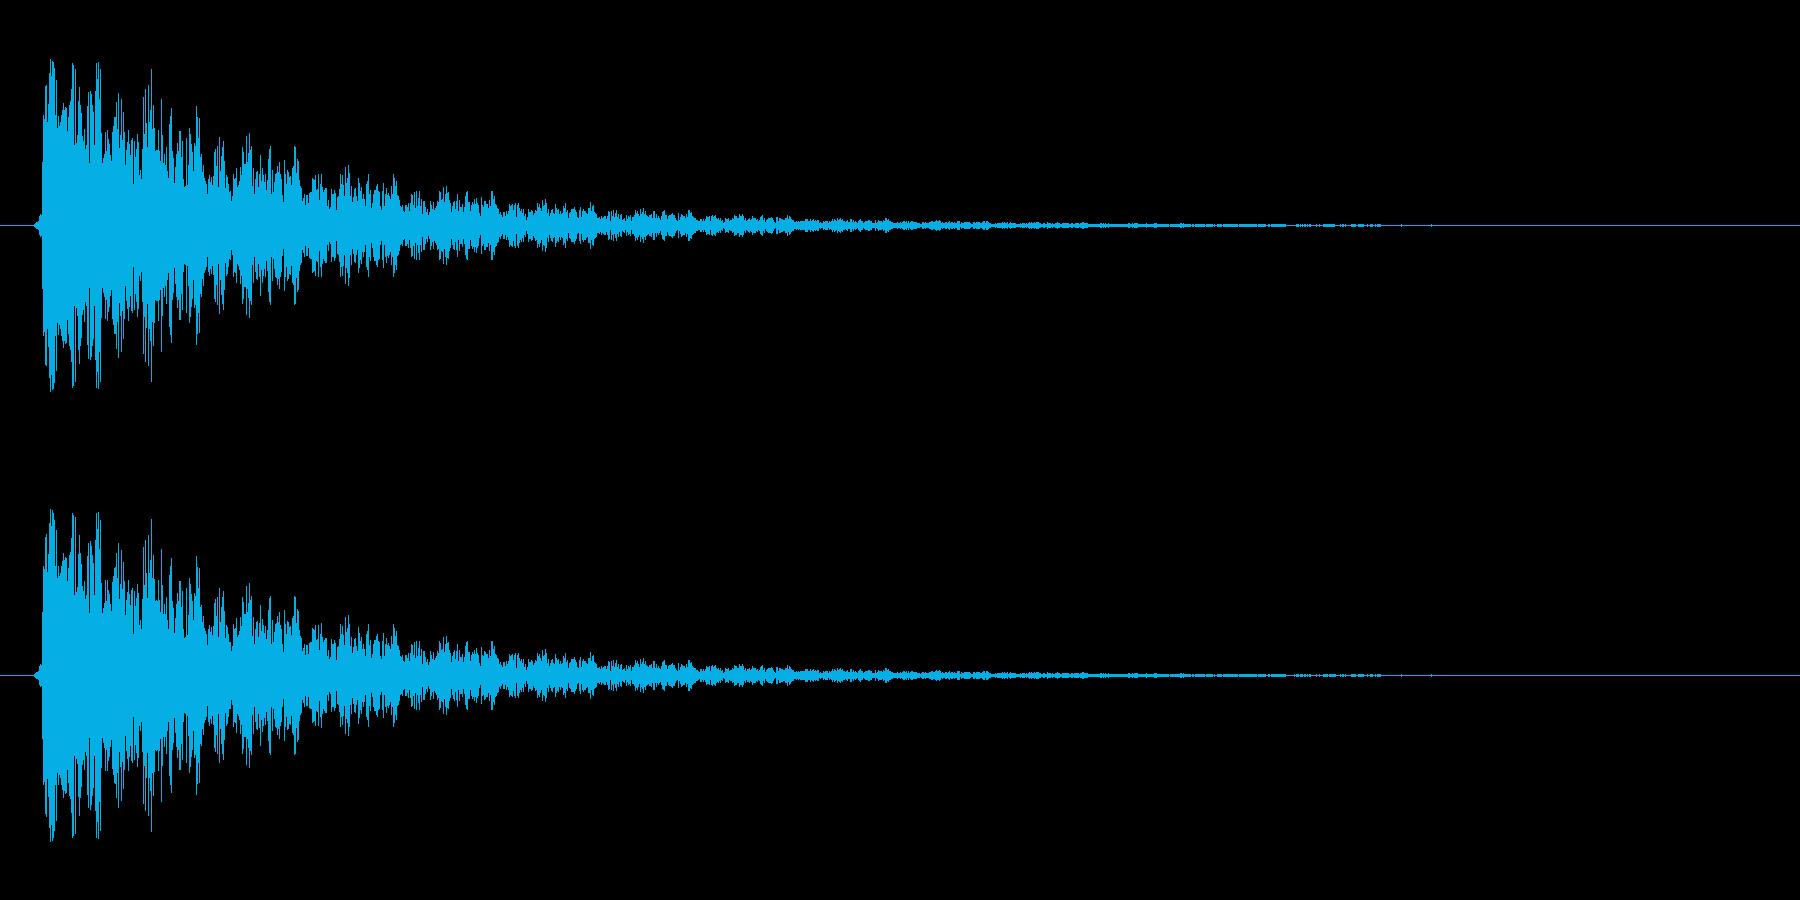 【衝撃05-3】の再生済みの波形